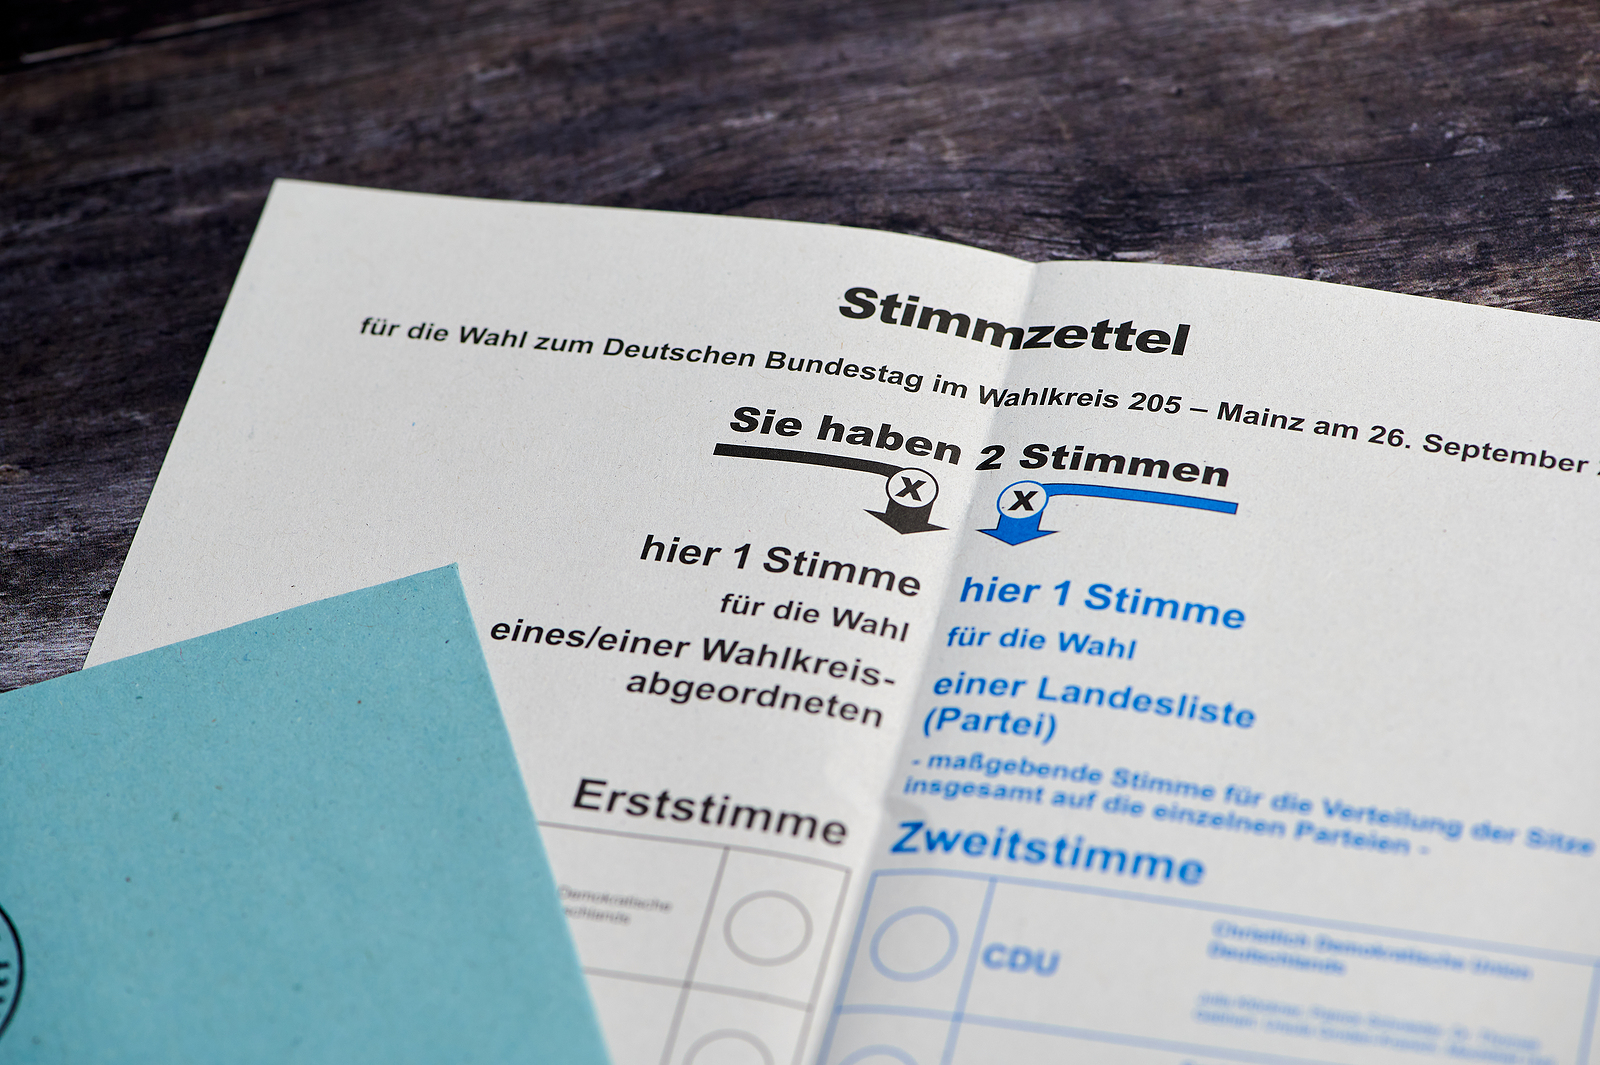 Cédula de papel do distrito eleitoral de Mainz para votação por correio nas eleições federais da Alemanha, que ocorrem em 26 de setembro   Foto: BigStock